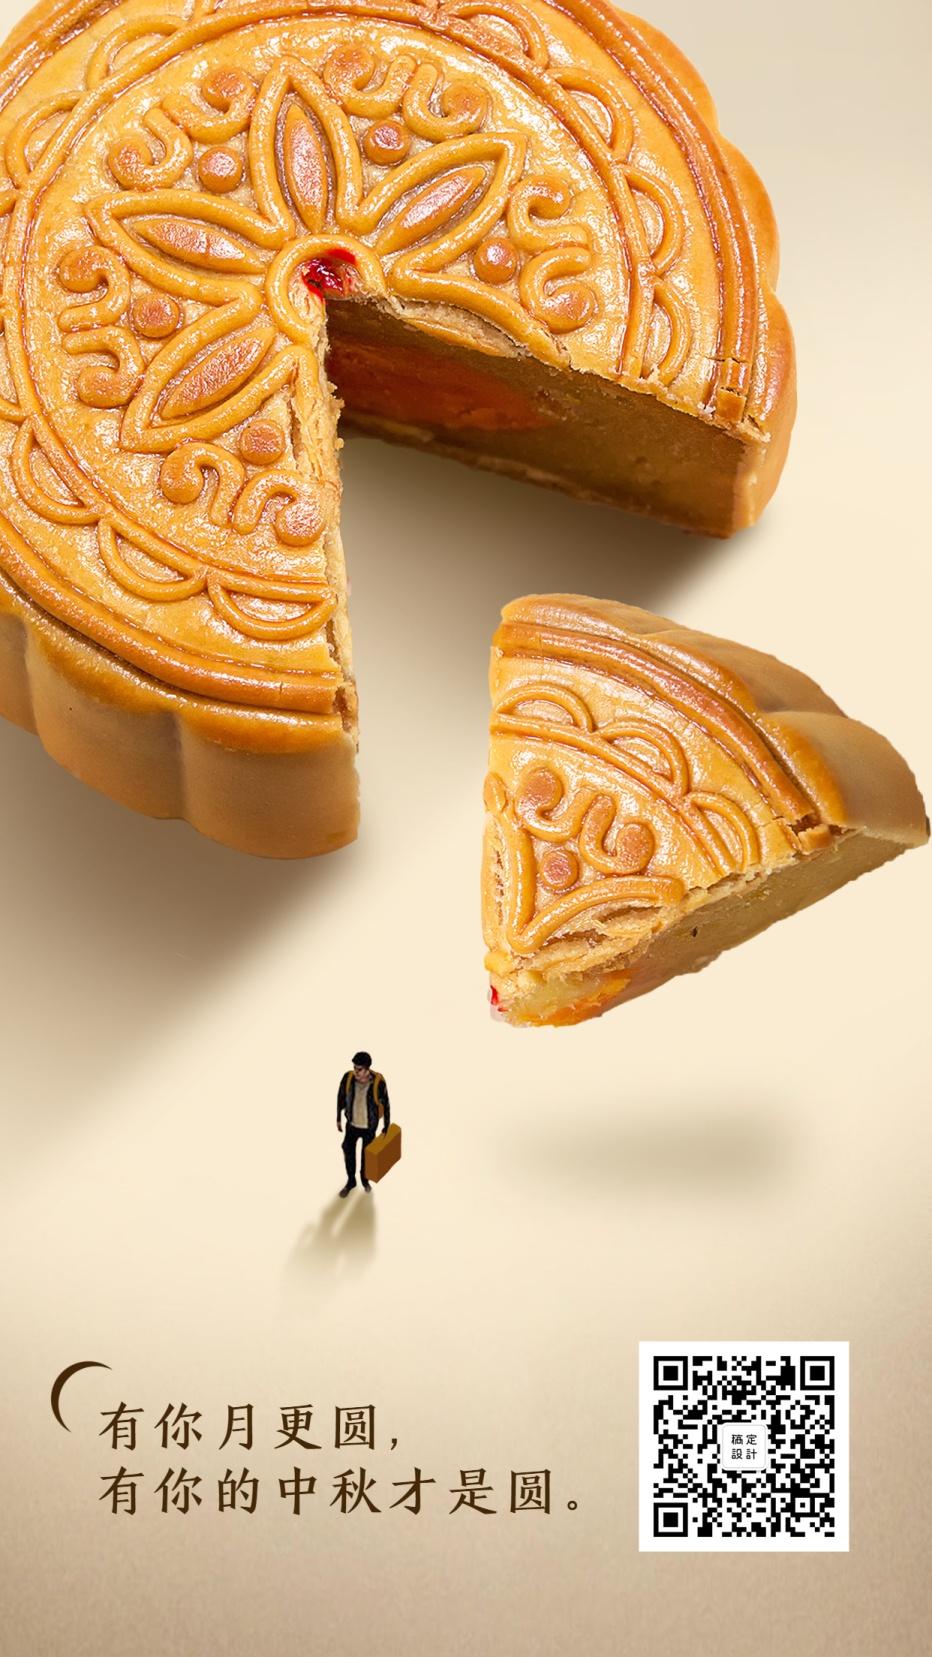 中秋祝福/月饼创意海报